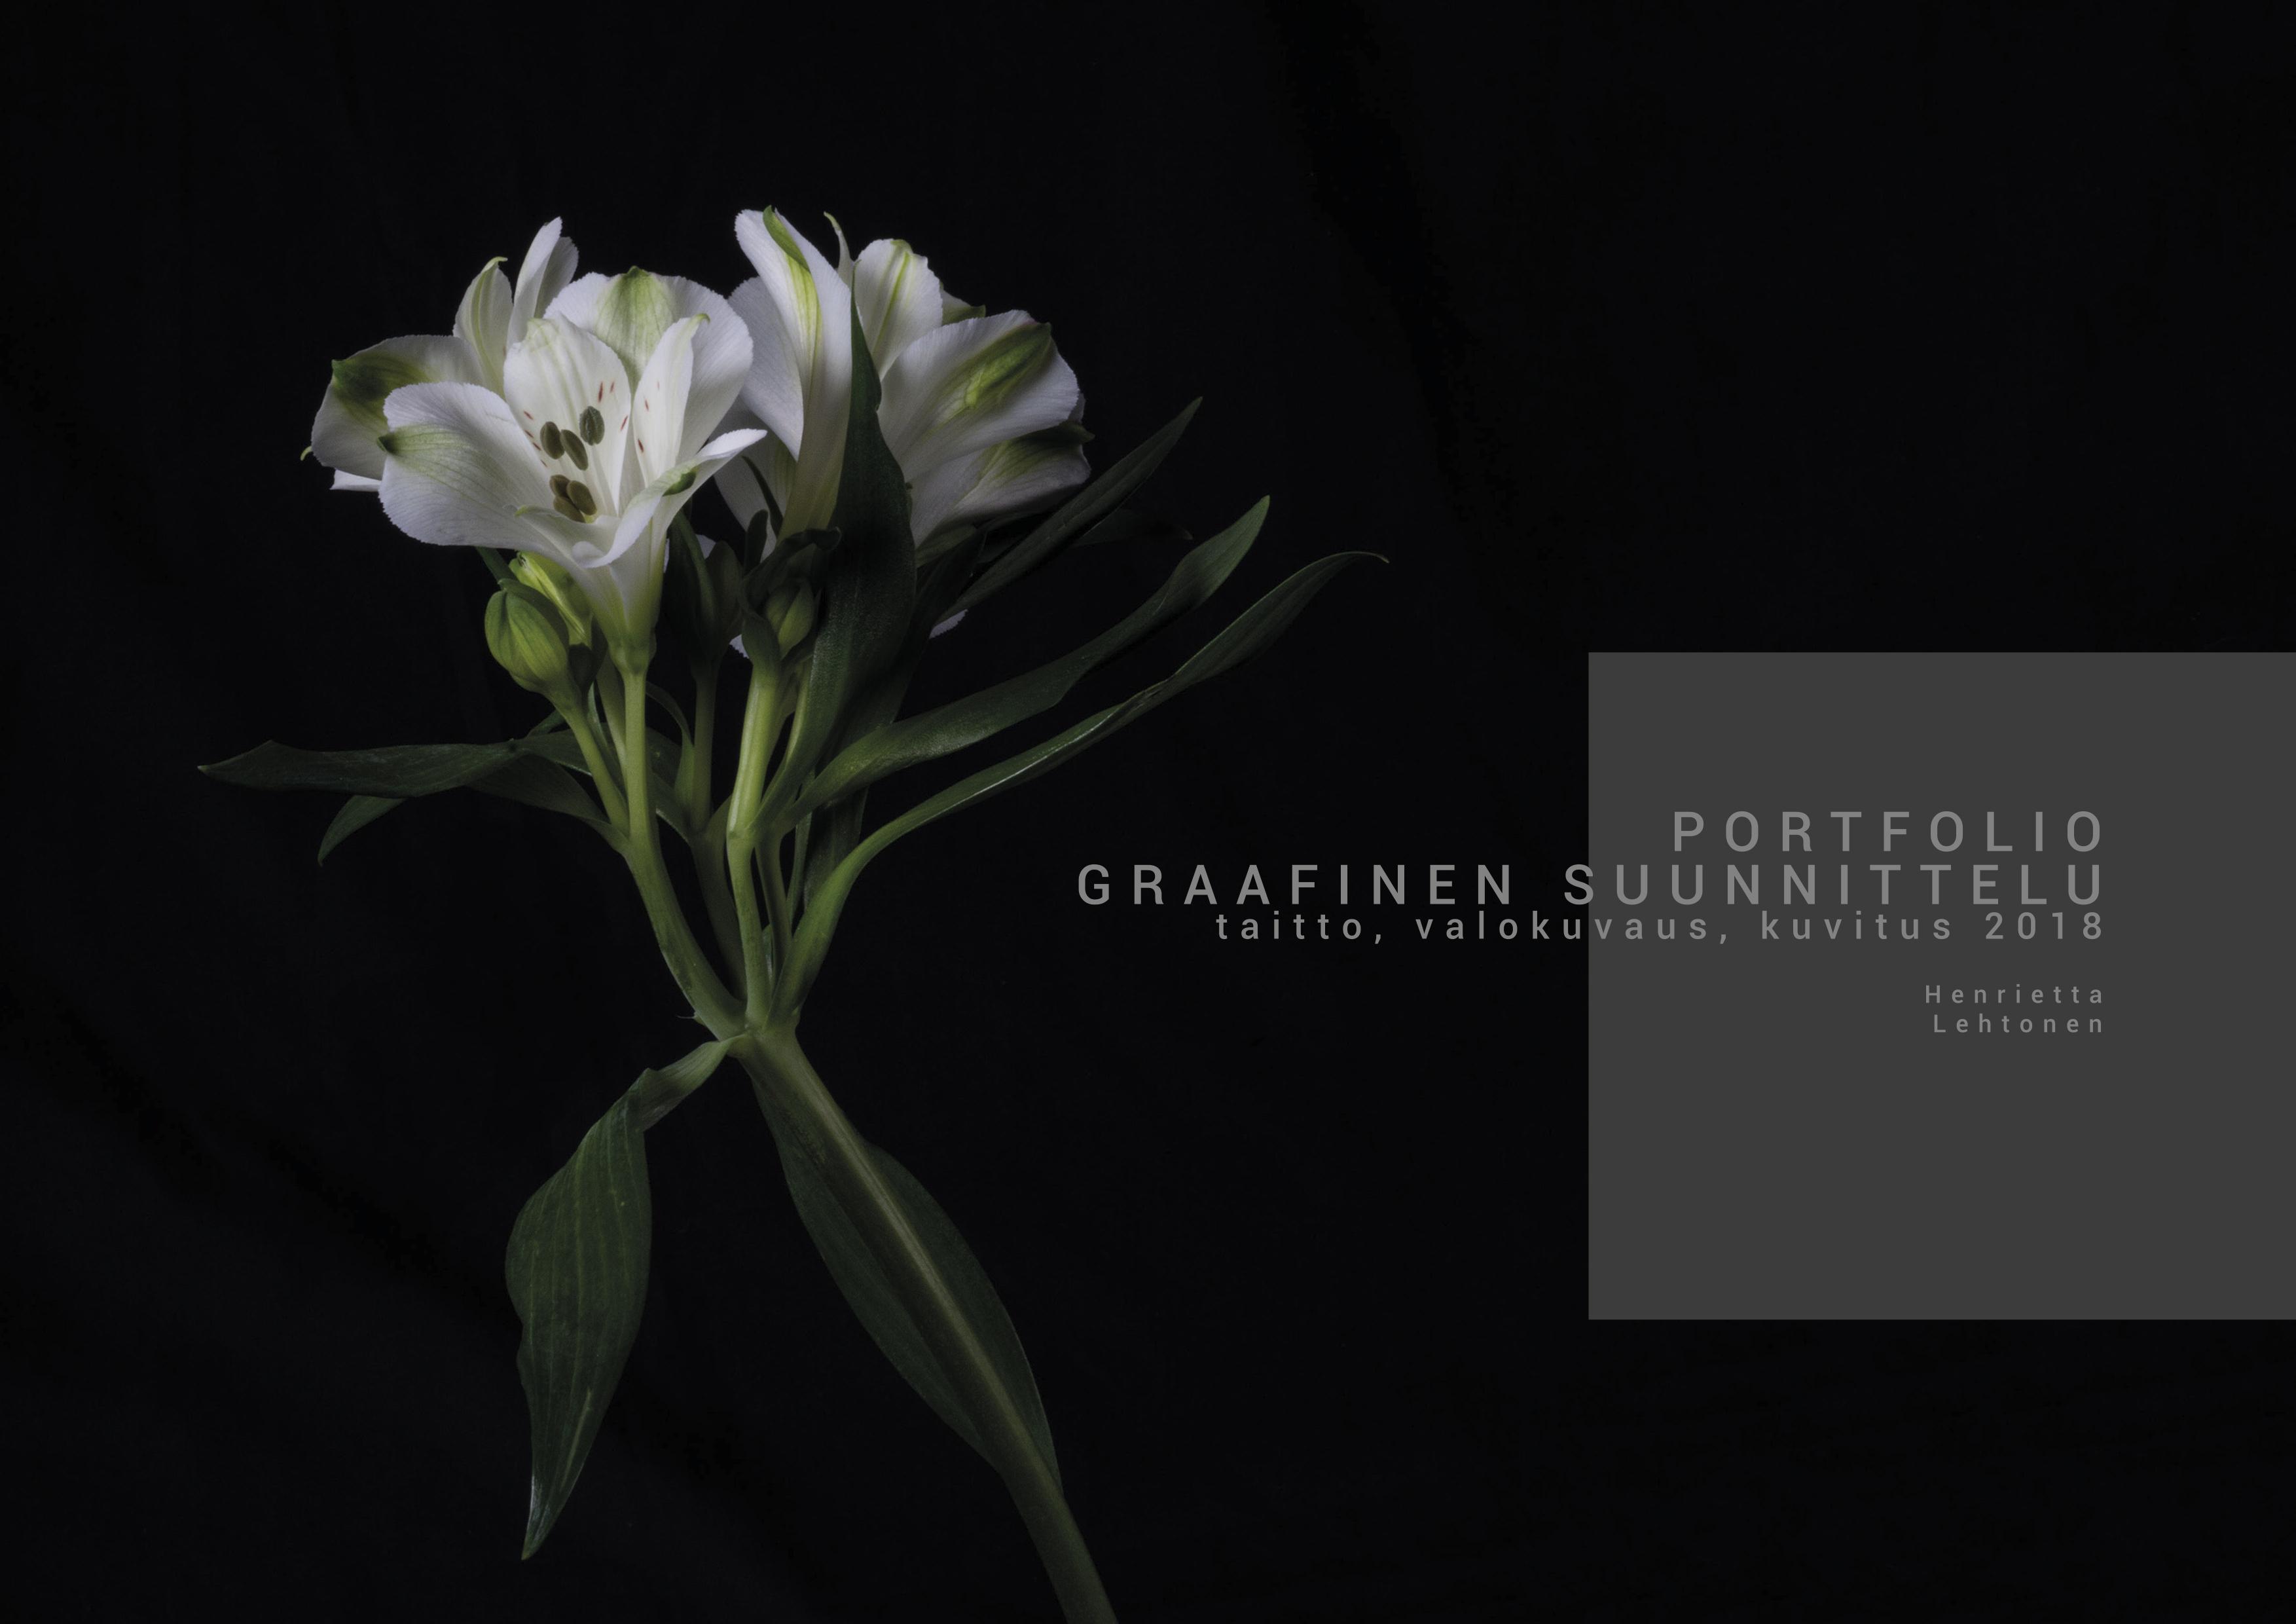 Henrietta-Lehtonen-Portfolio